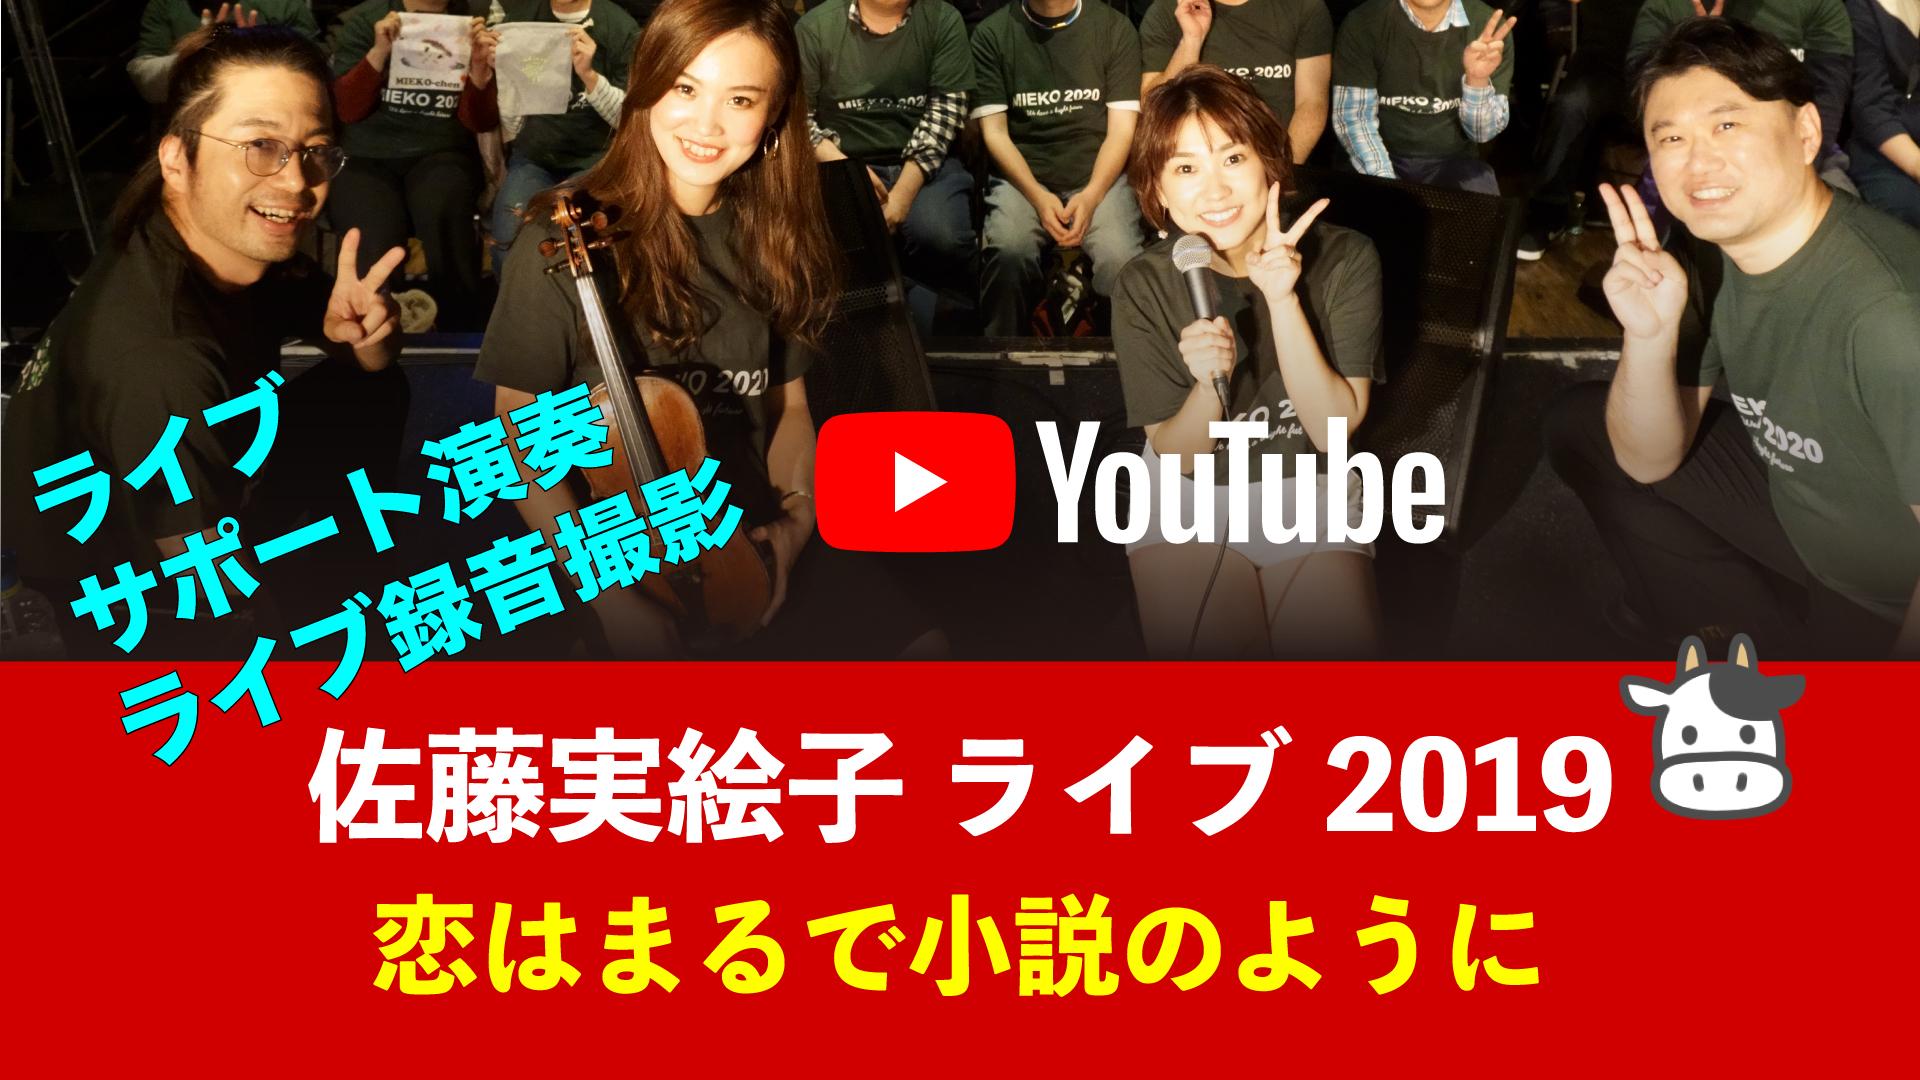 佐藤実絵子さんLive【恋はまるで小説のように】YouTube